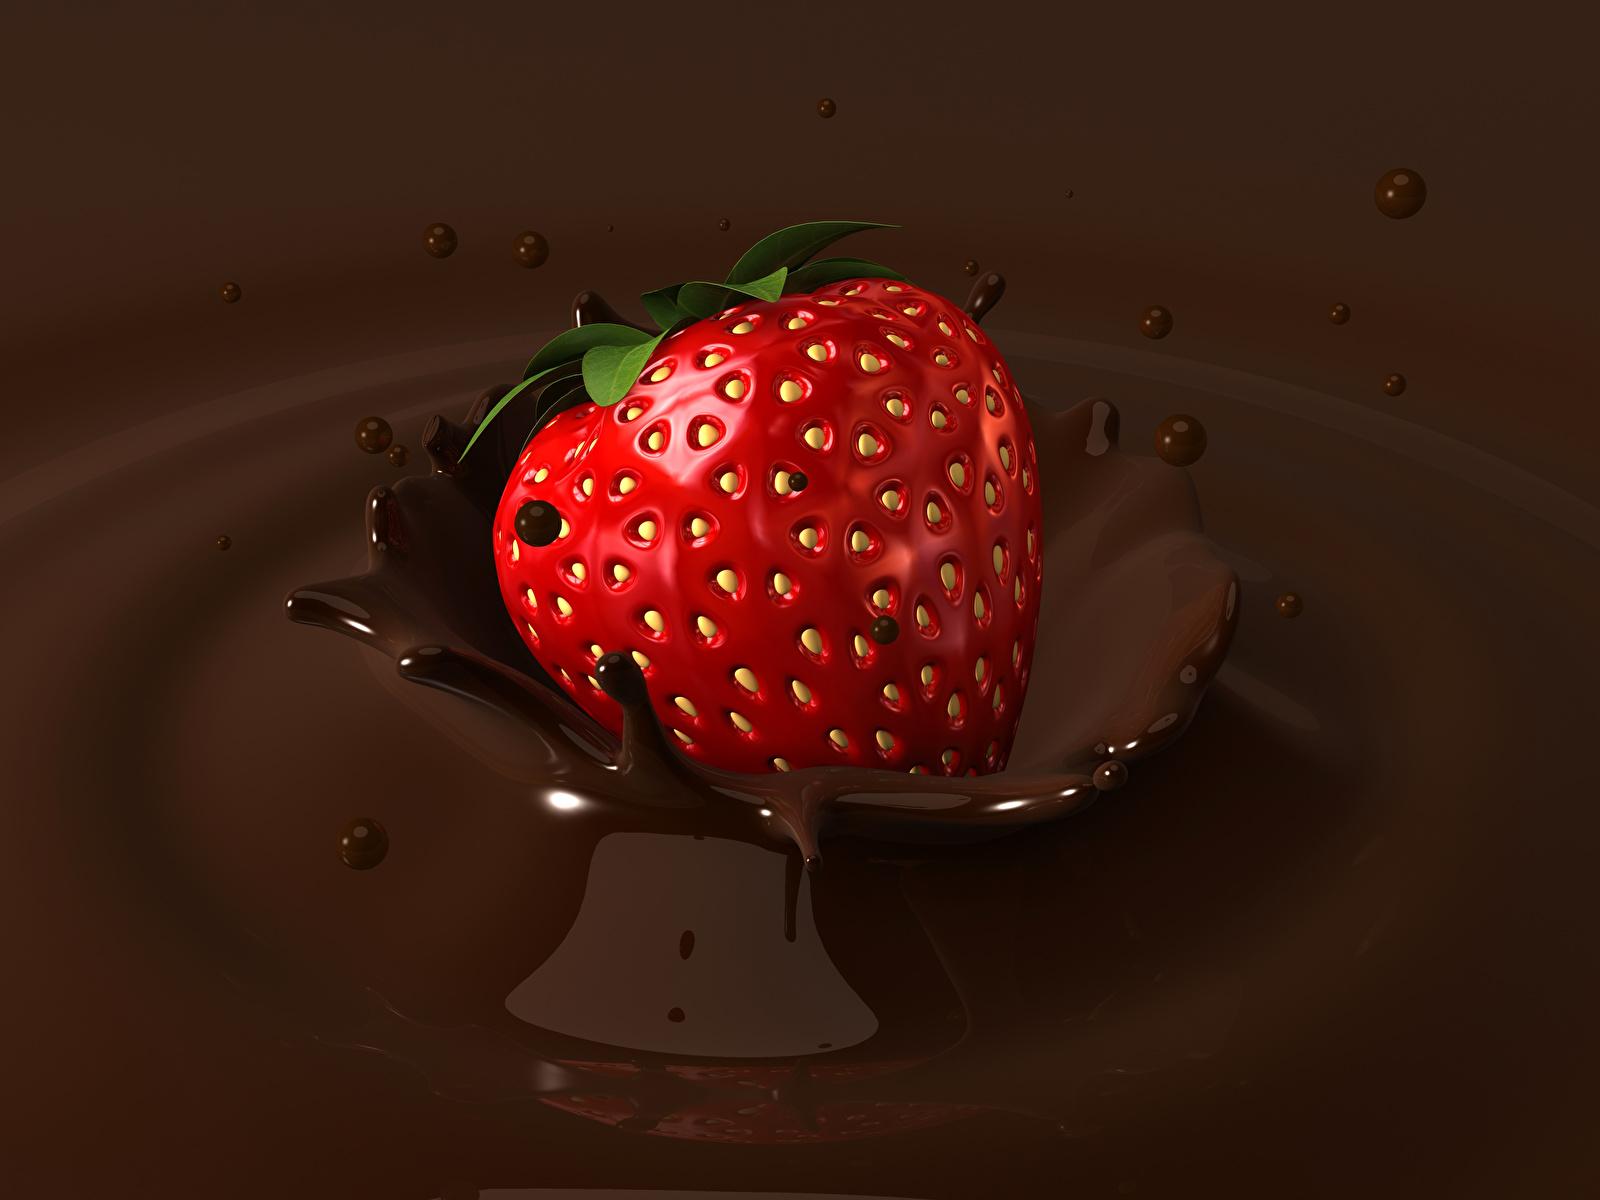 Горячий шоколад с фруктами скачать